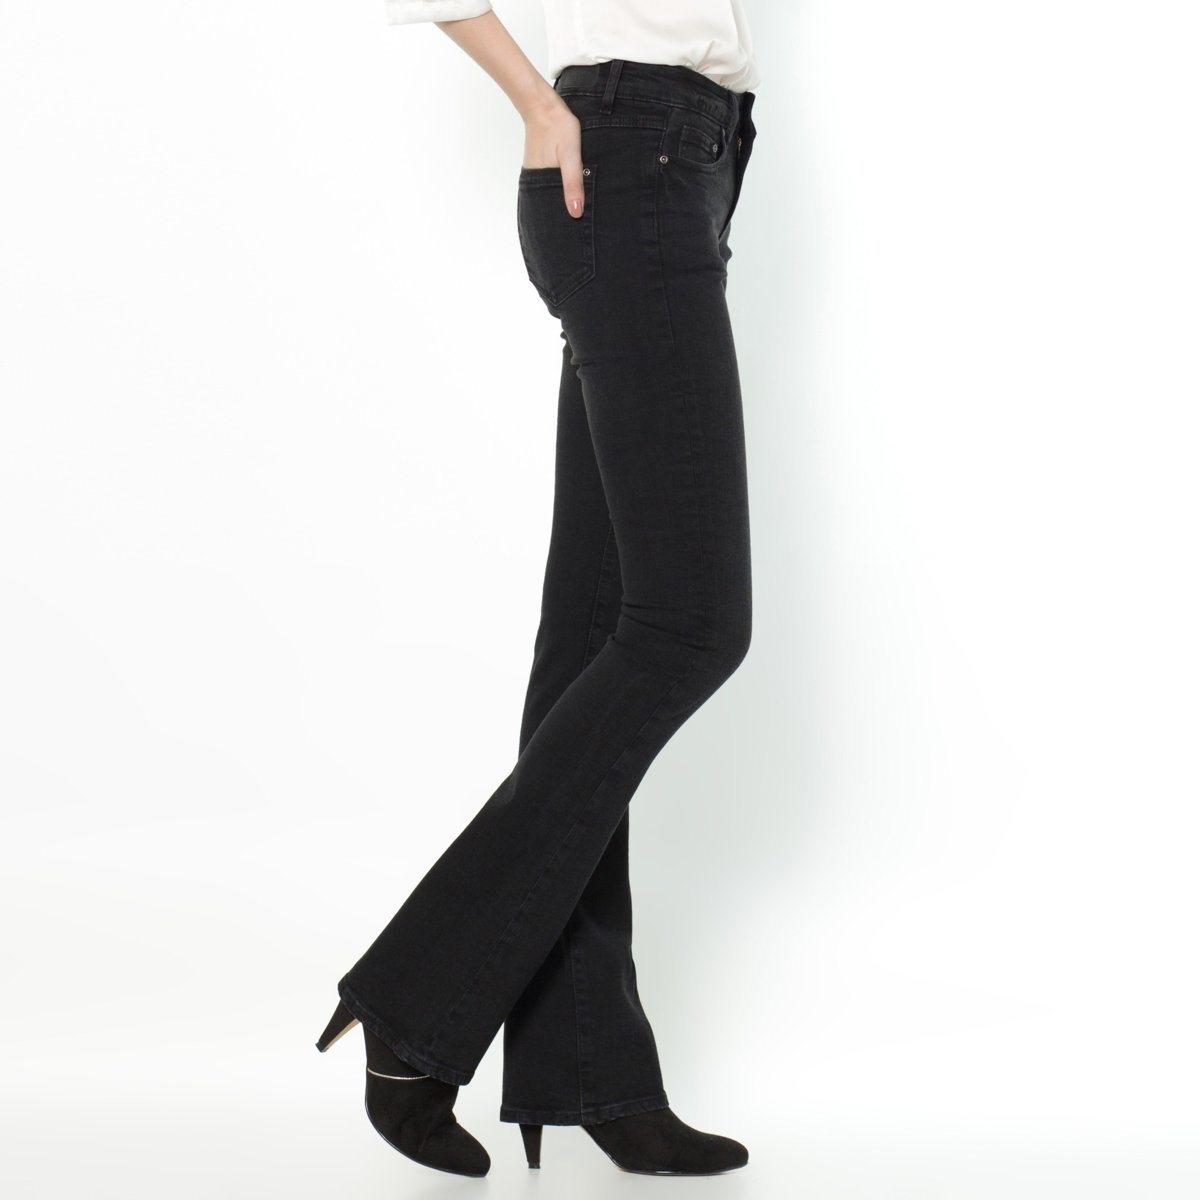 Джинсы-буткат, заниженный поясДжинсы покроя буткат (брюки прямые до колен и расклешенные к низу). Покрой 5 карманов. Планка застежки на молнию.Деним, 98% хлопка, 2% эластана. Длина по внутреннему шву 83 см, ширина по низу 23 см. Существует 3 варианта длины..<br><br>Цвет: голубой потертый,черный потертый<br>Размер: 29 (US) - 44/46 (RUS).37 (46/48).34 (US) - 50 (RUS)